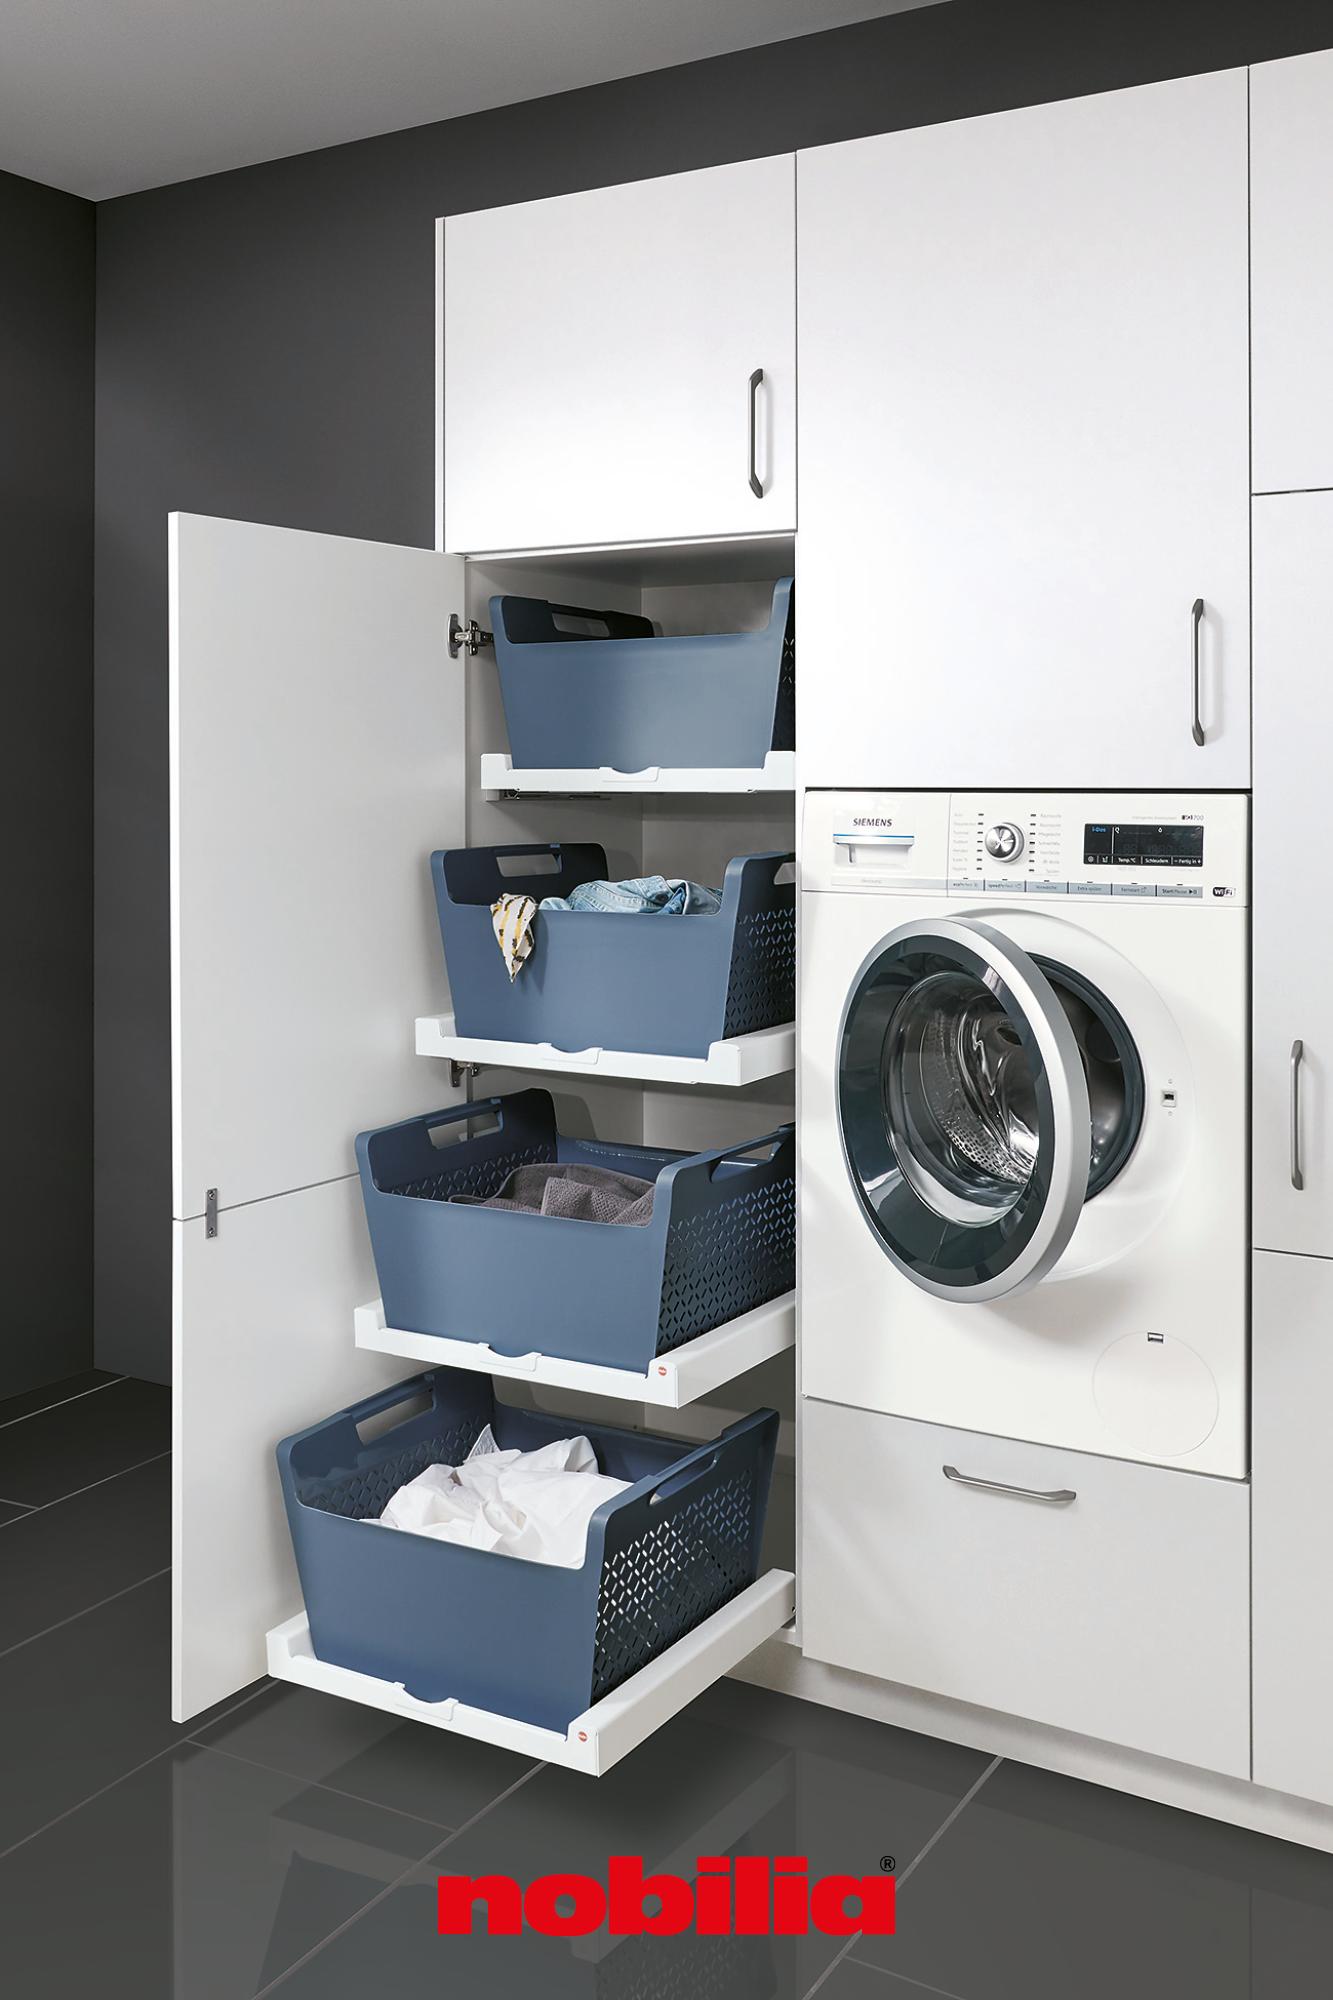 Hochschränke von nobilia zeigen, wie flexibel Sie Stauraum nutzen können. Denn egal ob alleinwohnend oder Großfamilie, früher oder später sammeln sich Wäscheberge an. Mit dem praktischen Wäschekorb-Tablar Laundry Area ordnen Sie Ihre genutzte Kleidung für unterschiedliche Waschvorgänge und lagern Sie solange platzsparend im Schrank. #nobilia #wäscheschrank #stauraum